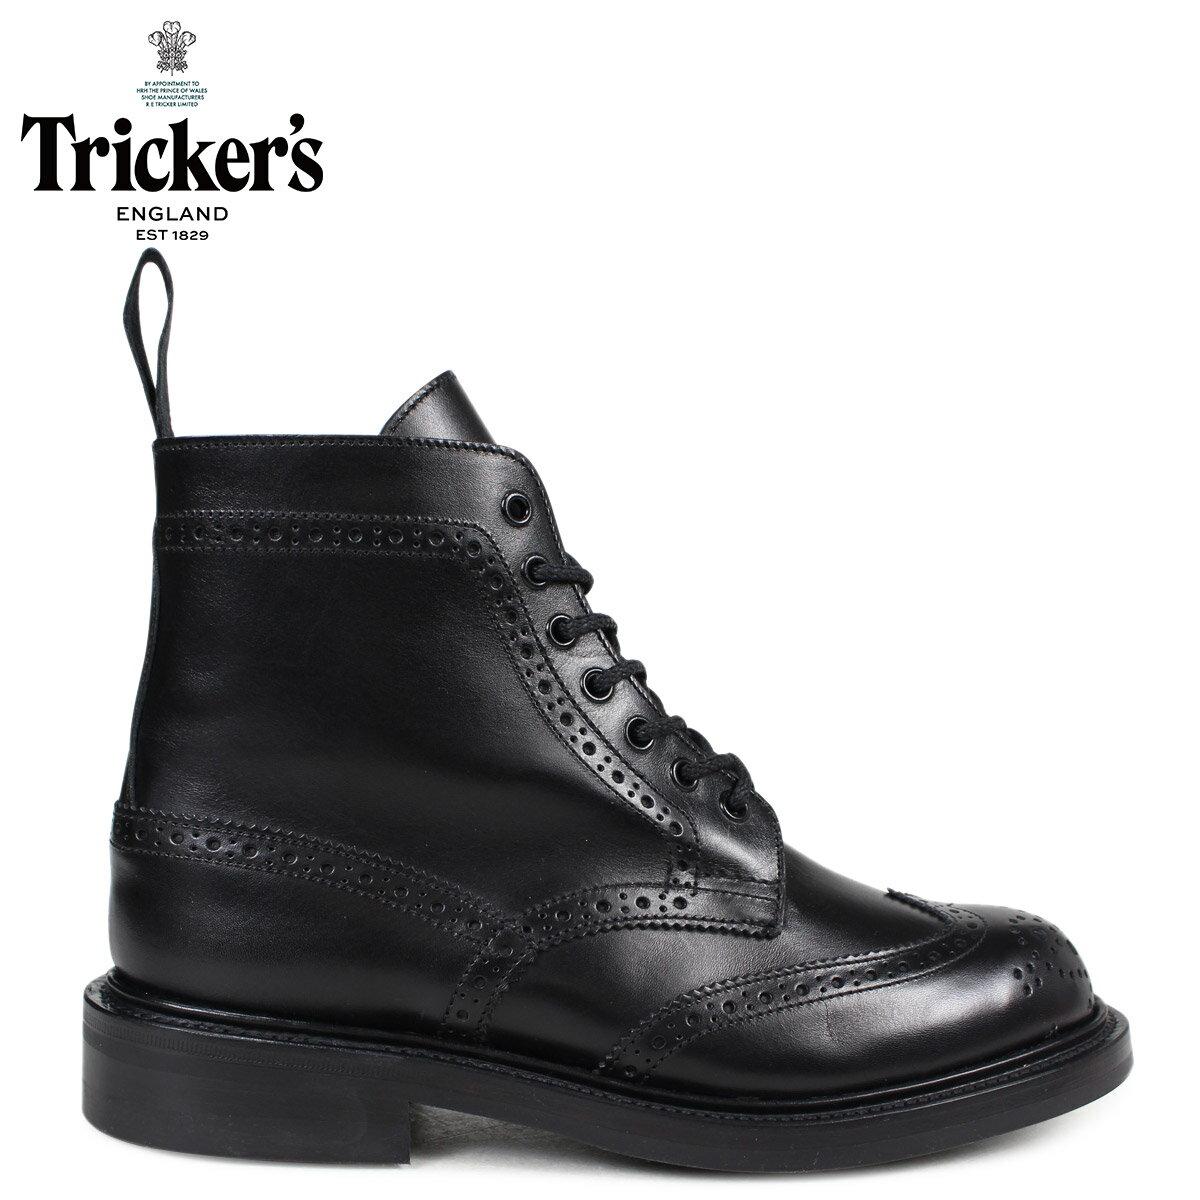 Tricker's トリッカーズ レディース カントリーブーツ MALTON L5676 4ワイズ ブラック [予約商品 2/24頃入荷予定 新入荷]